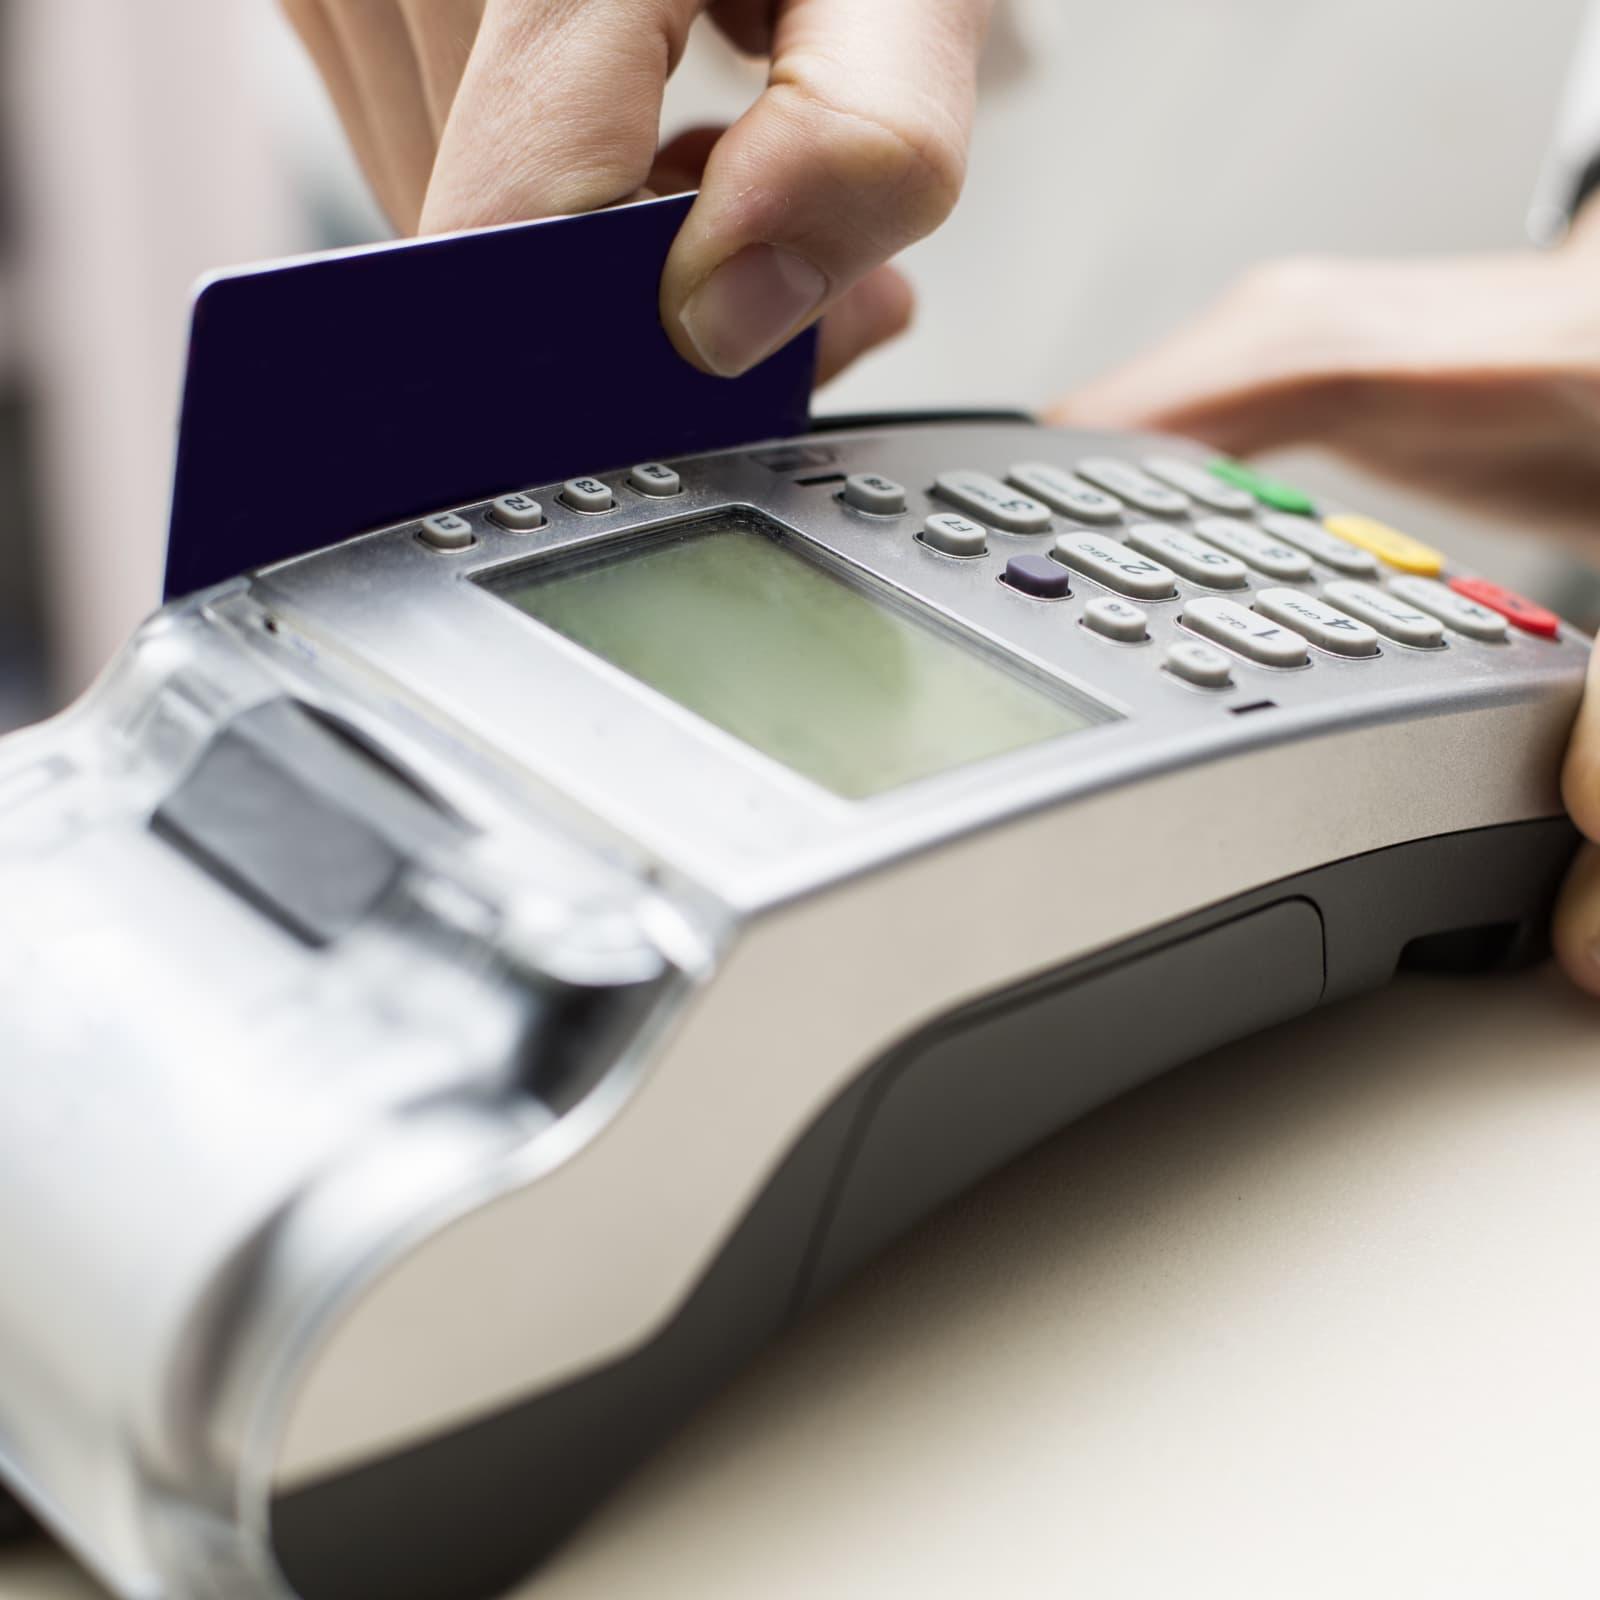 Interchange Fees Explained - ValuePenguin